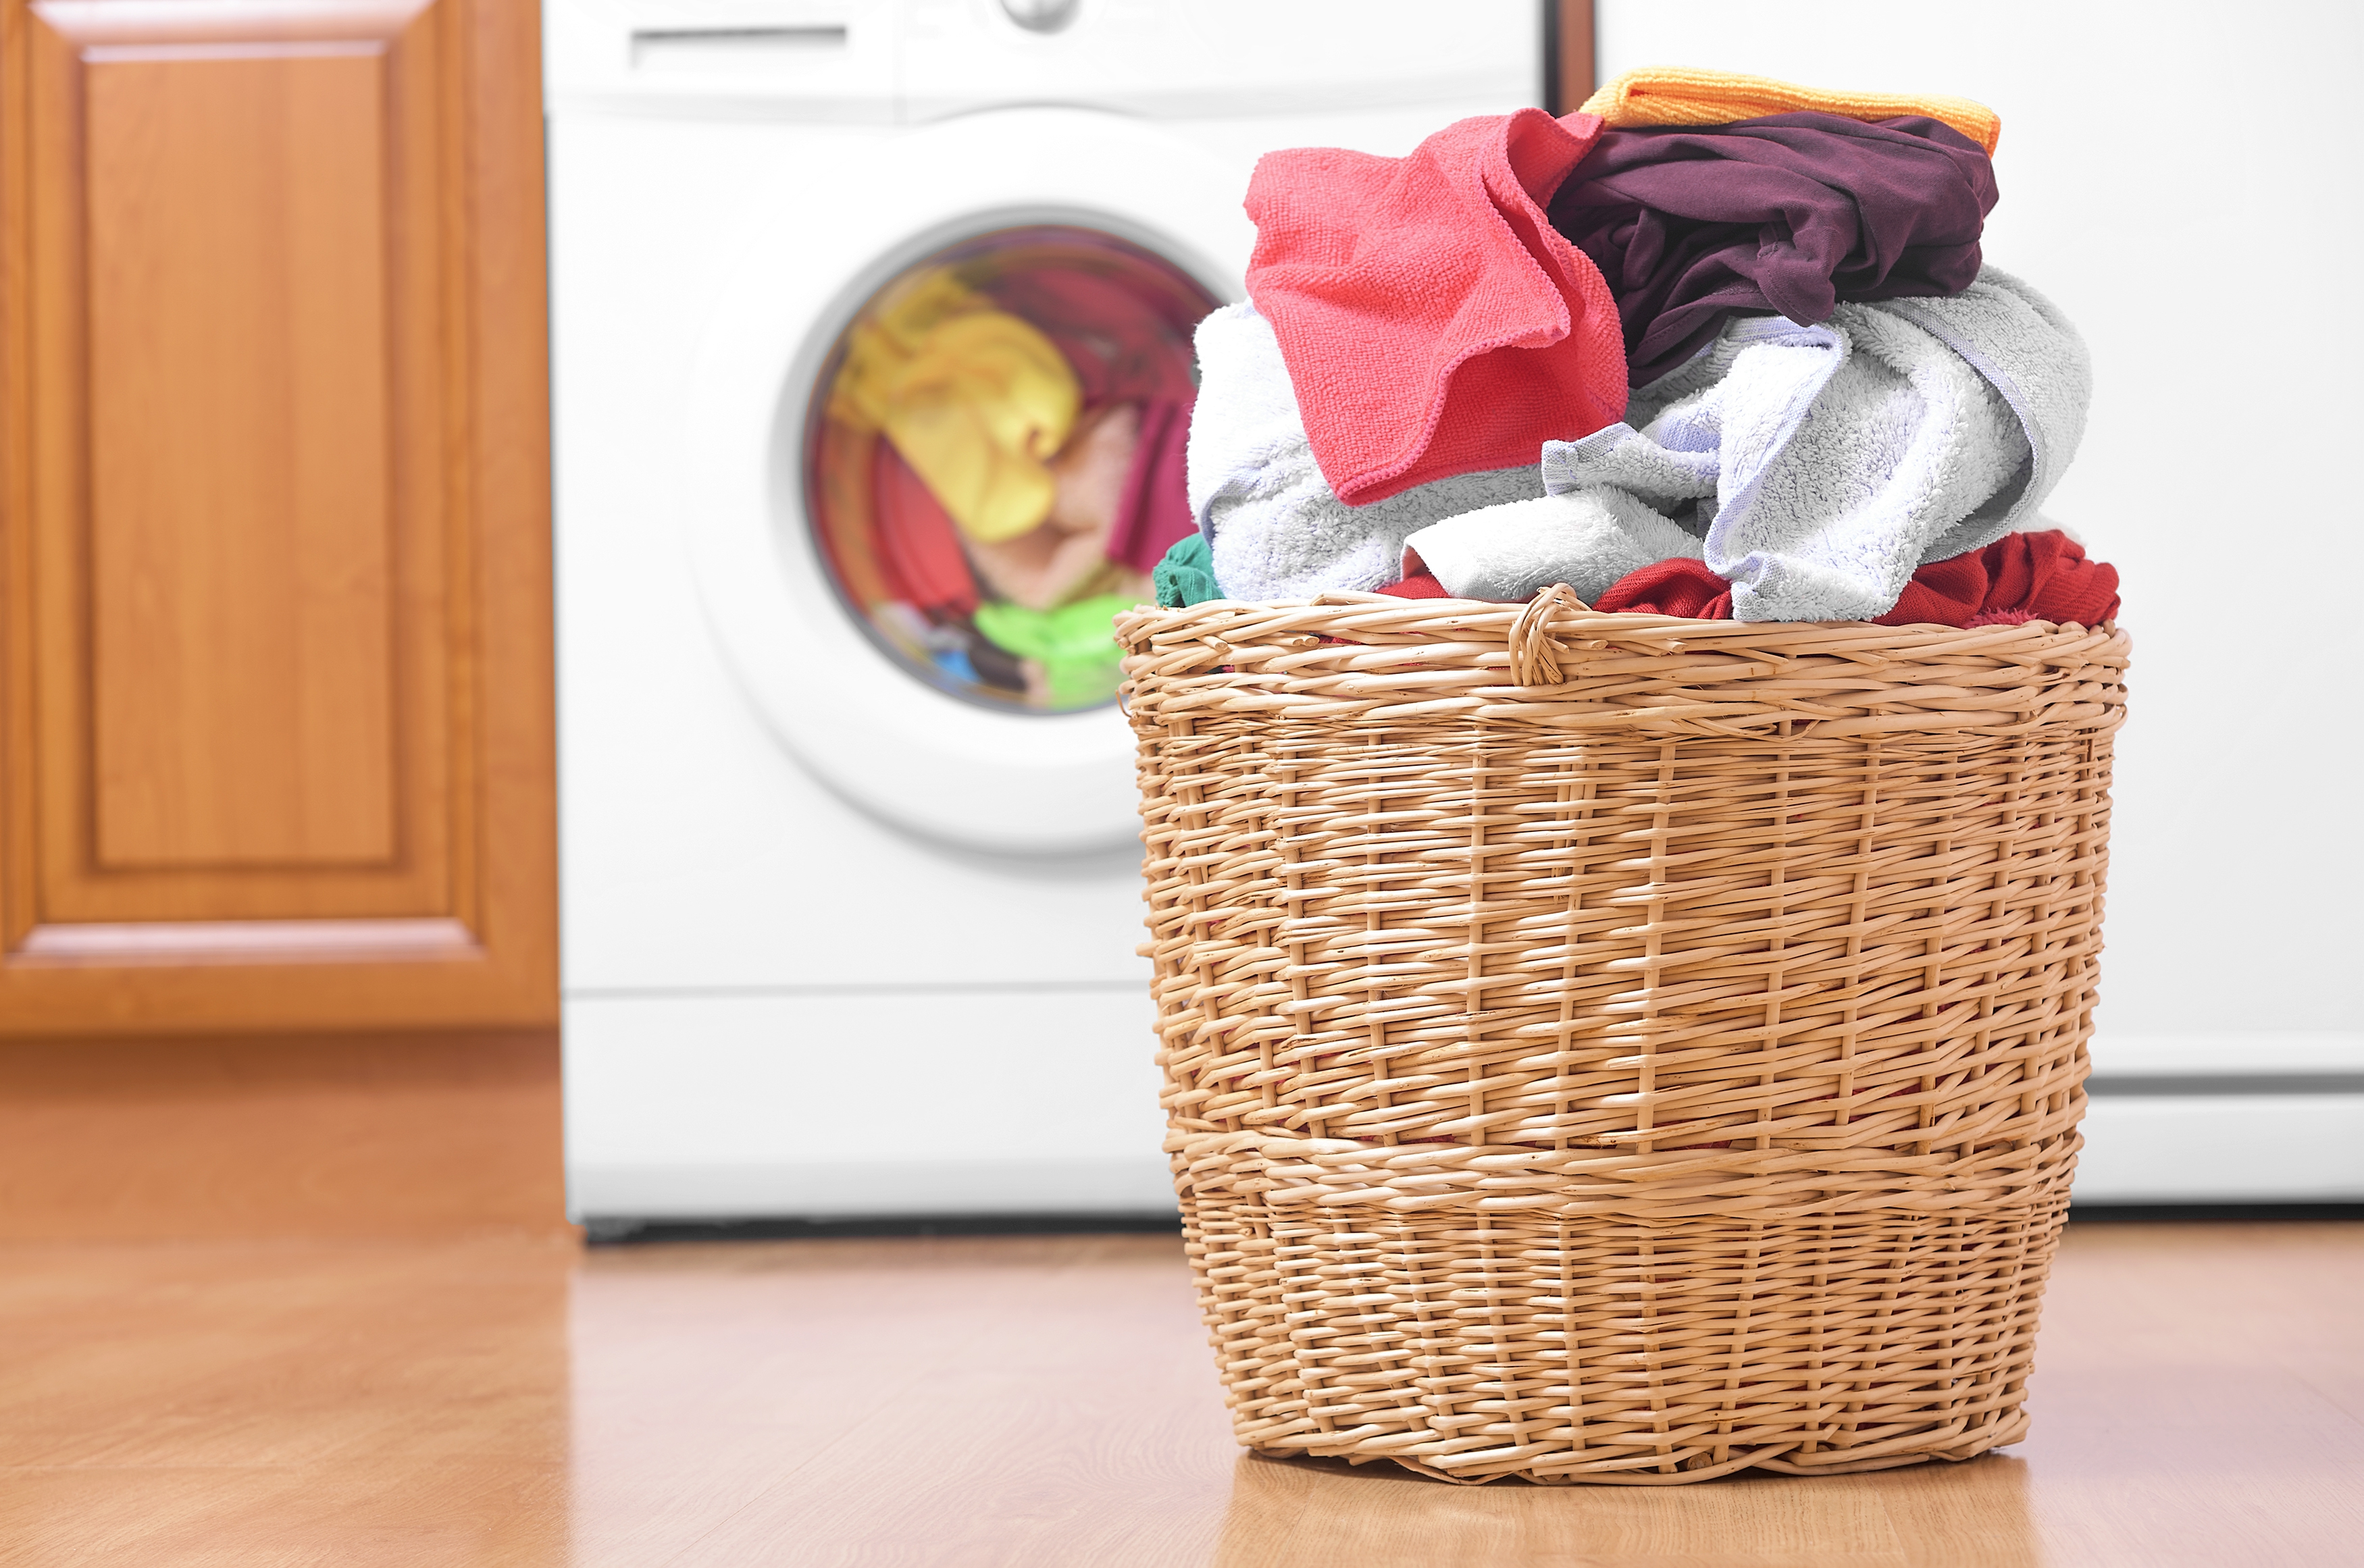 Zó lang kun je kleding dragen voor het in de was moet